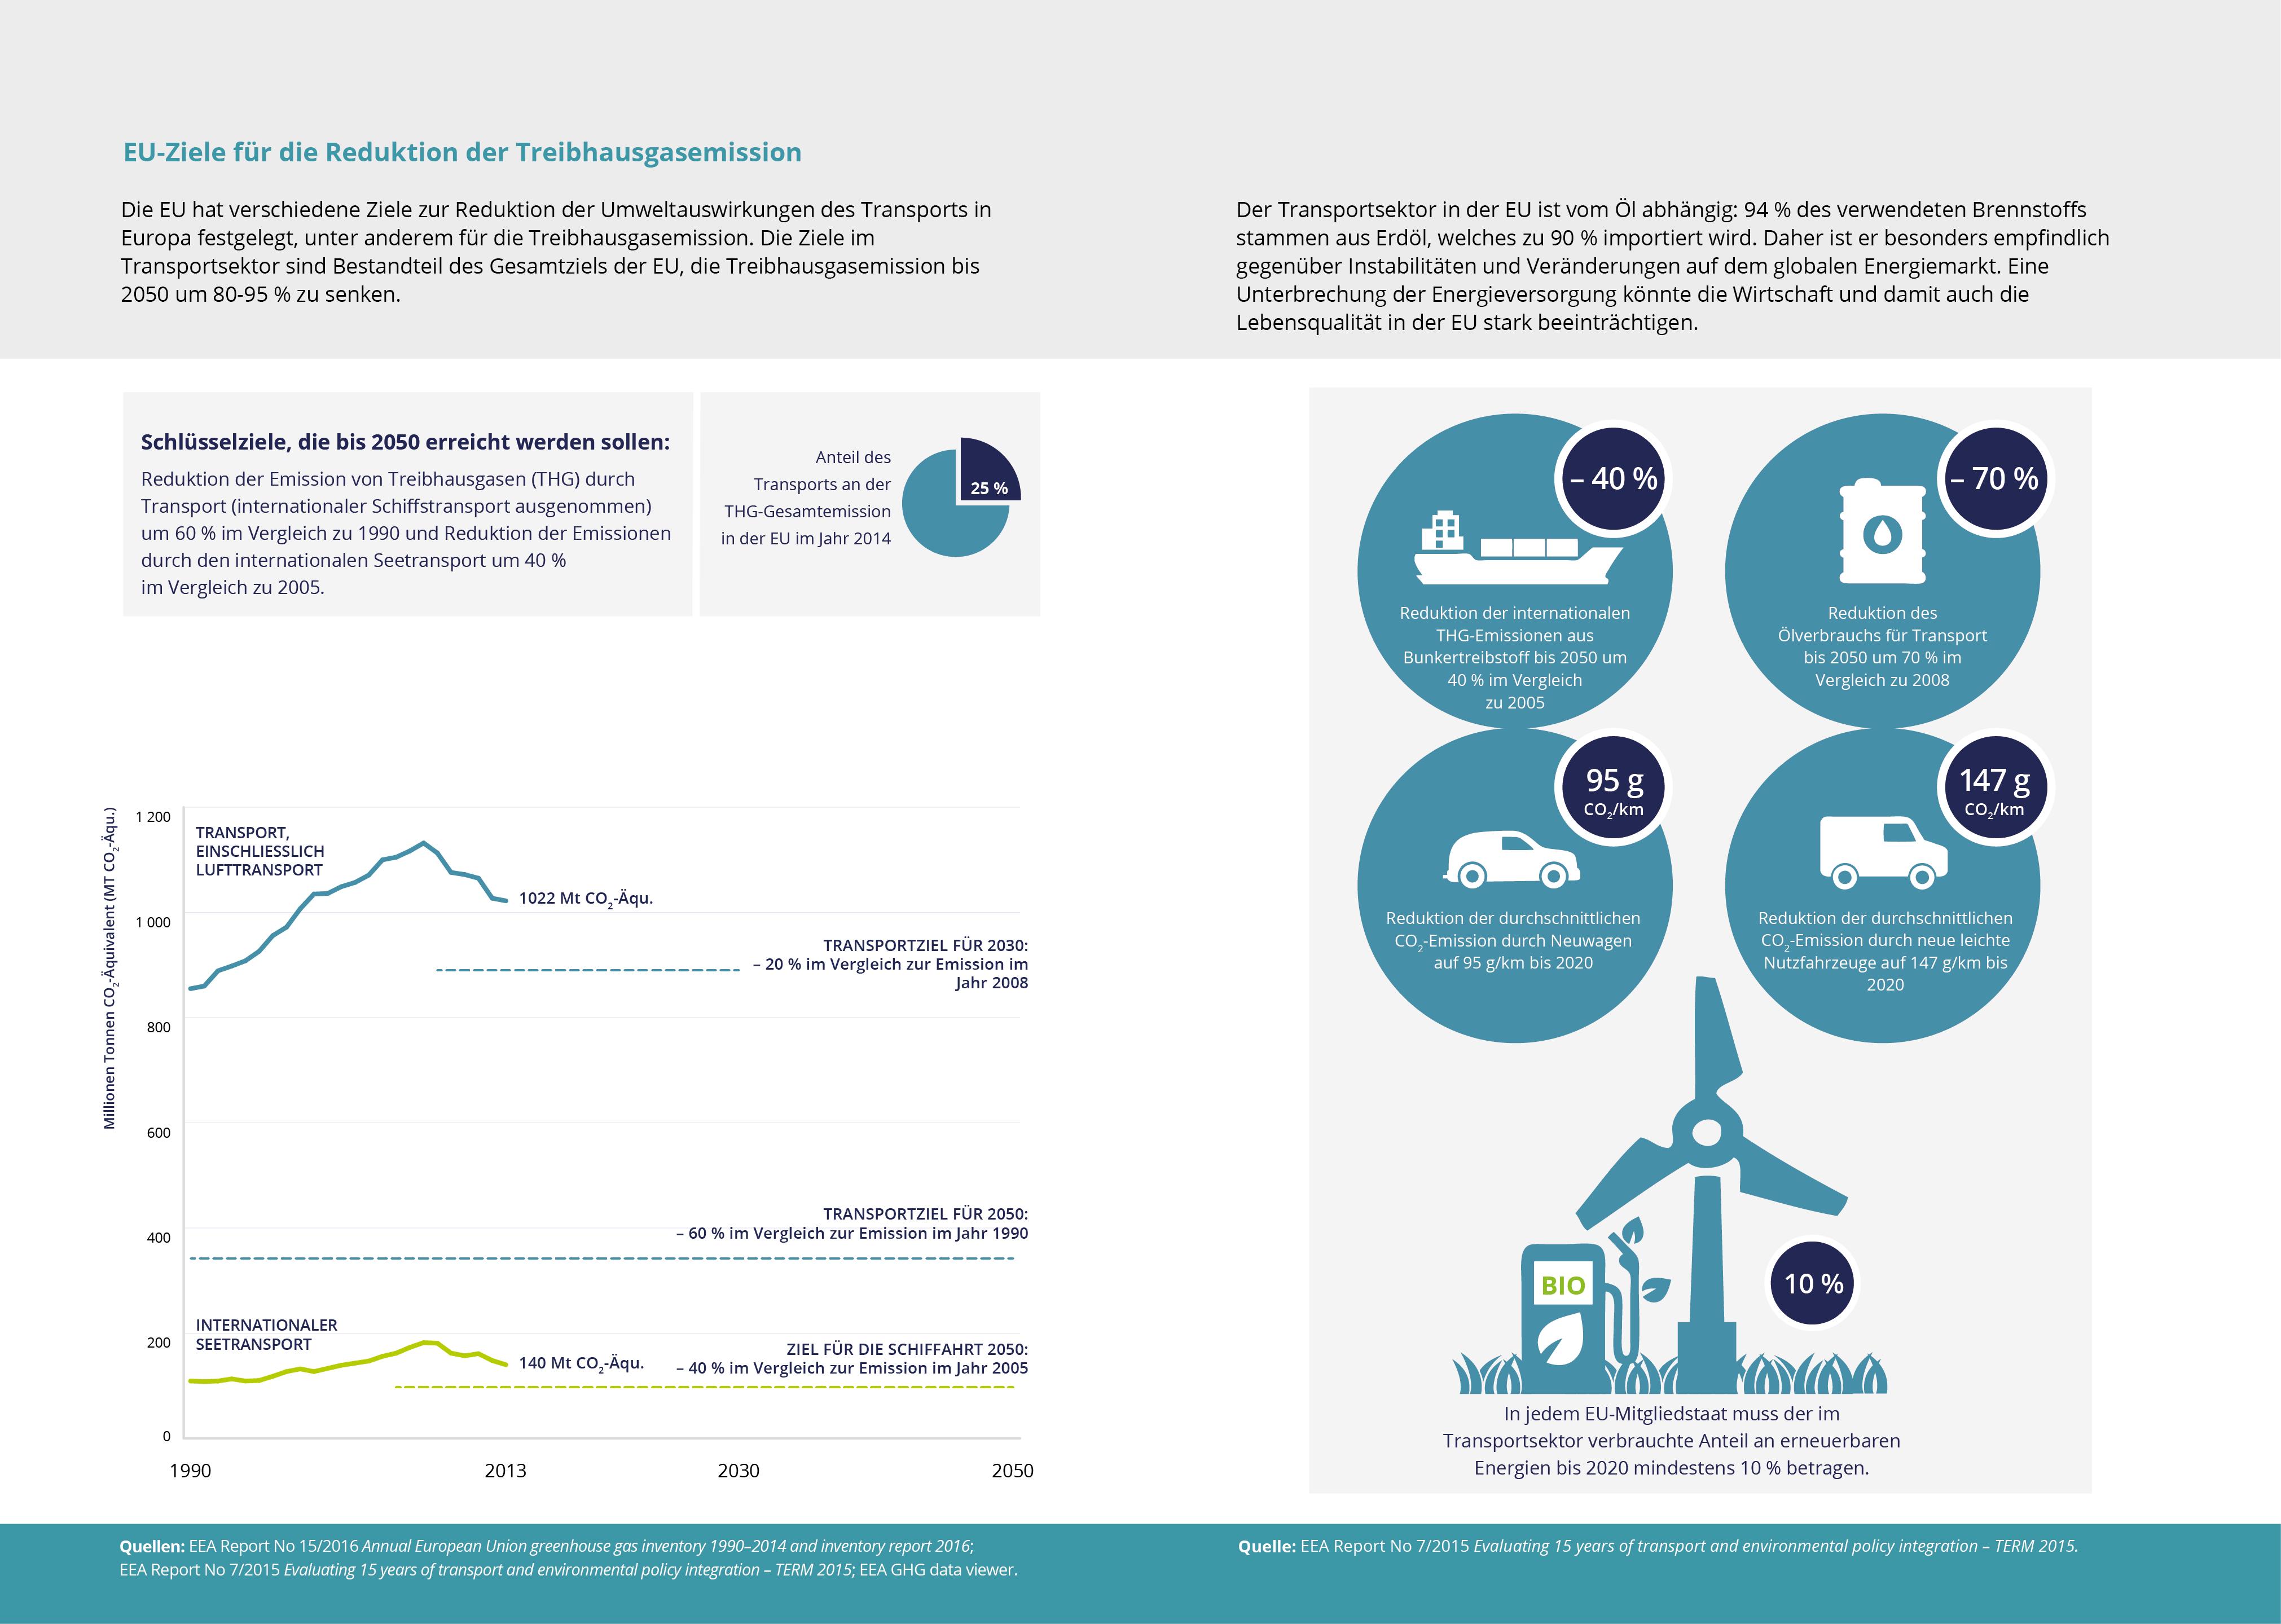 EU-Ziele für die Reduktion der Treibhausgasemission